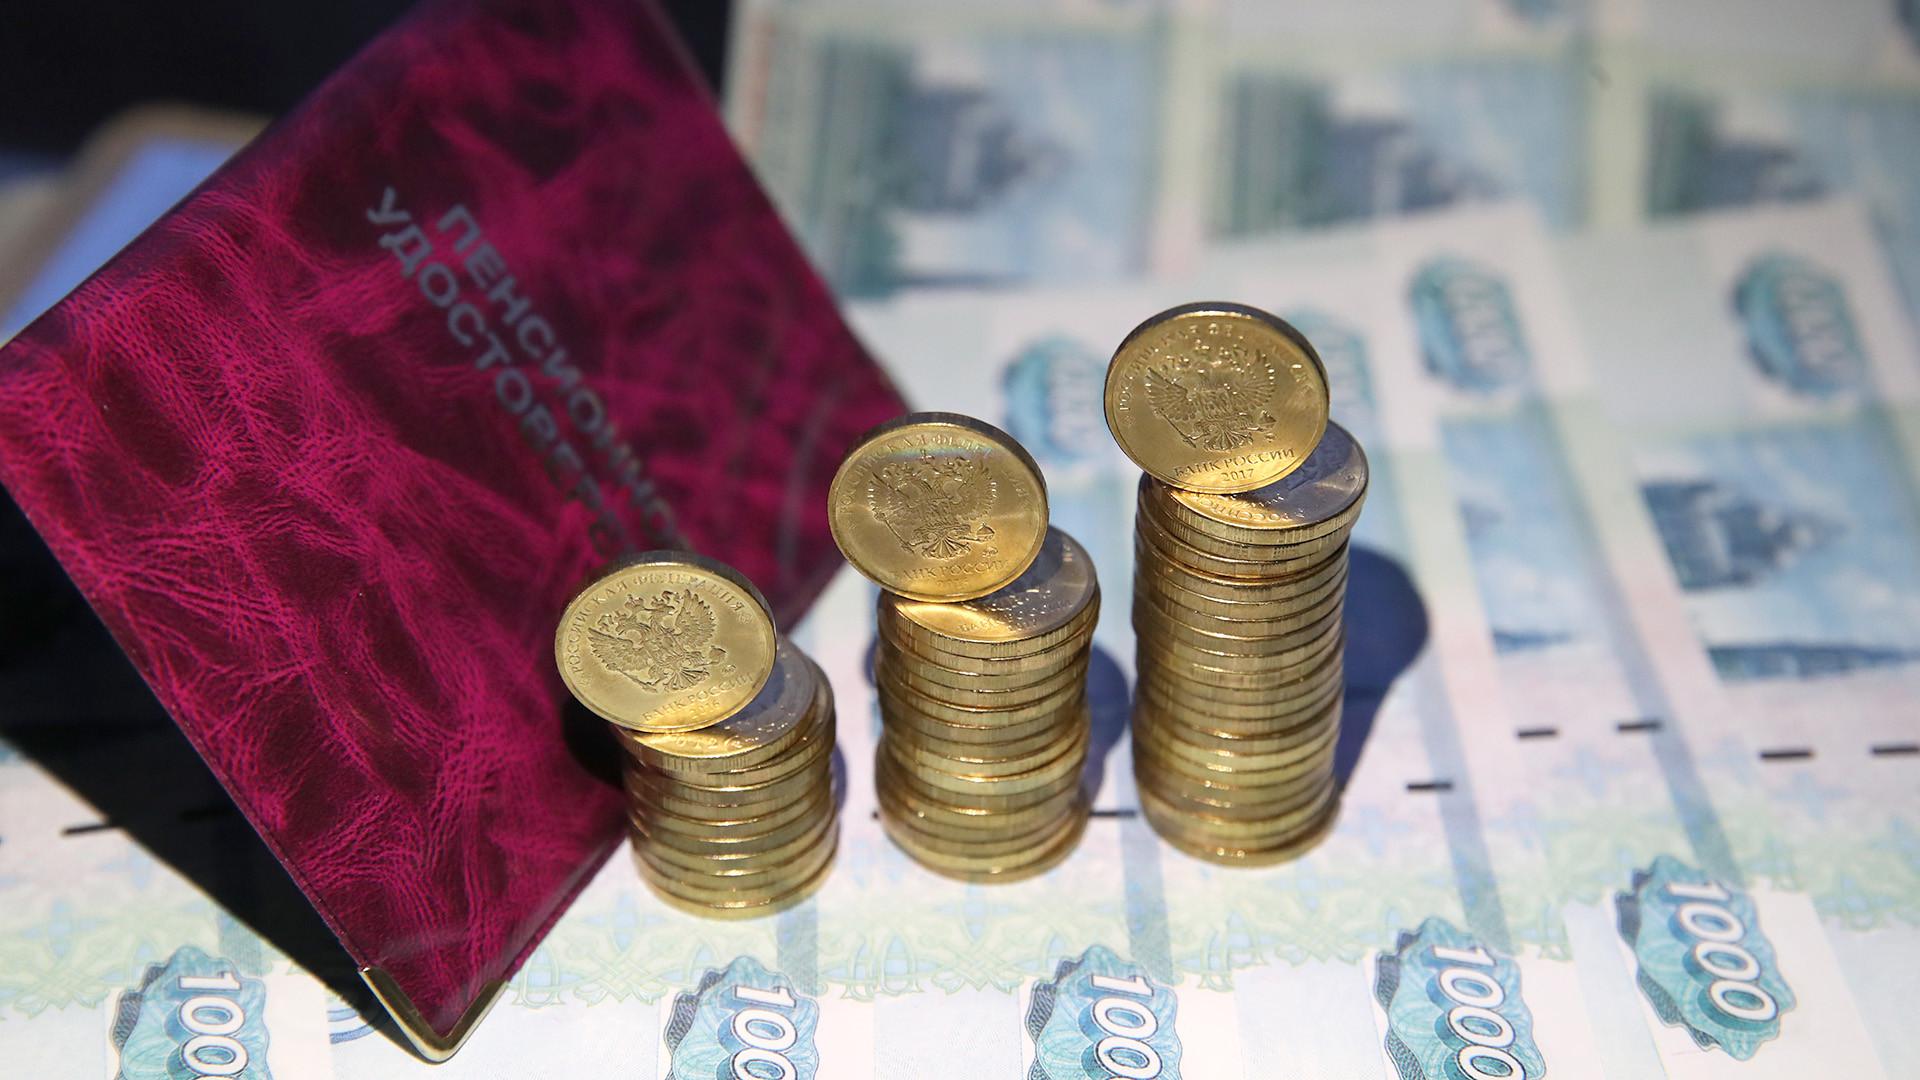 Россияне могут увеличить себе пенсию на 20%, делая сбережения - ПРАЙМ